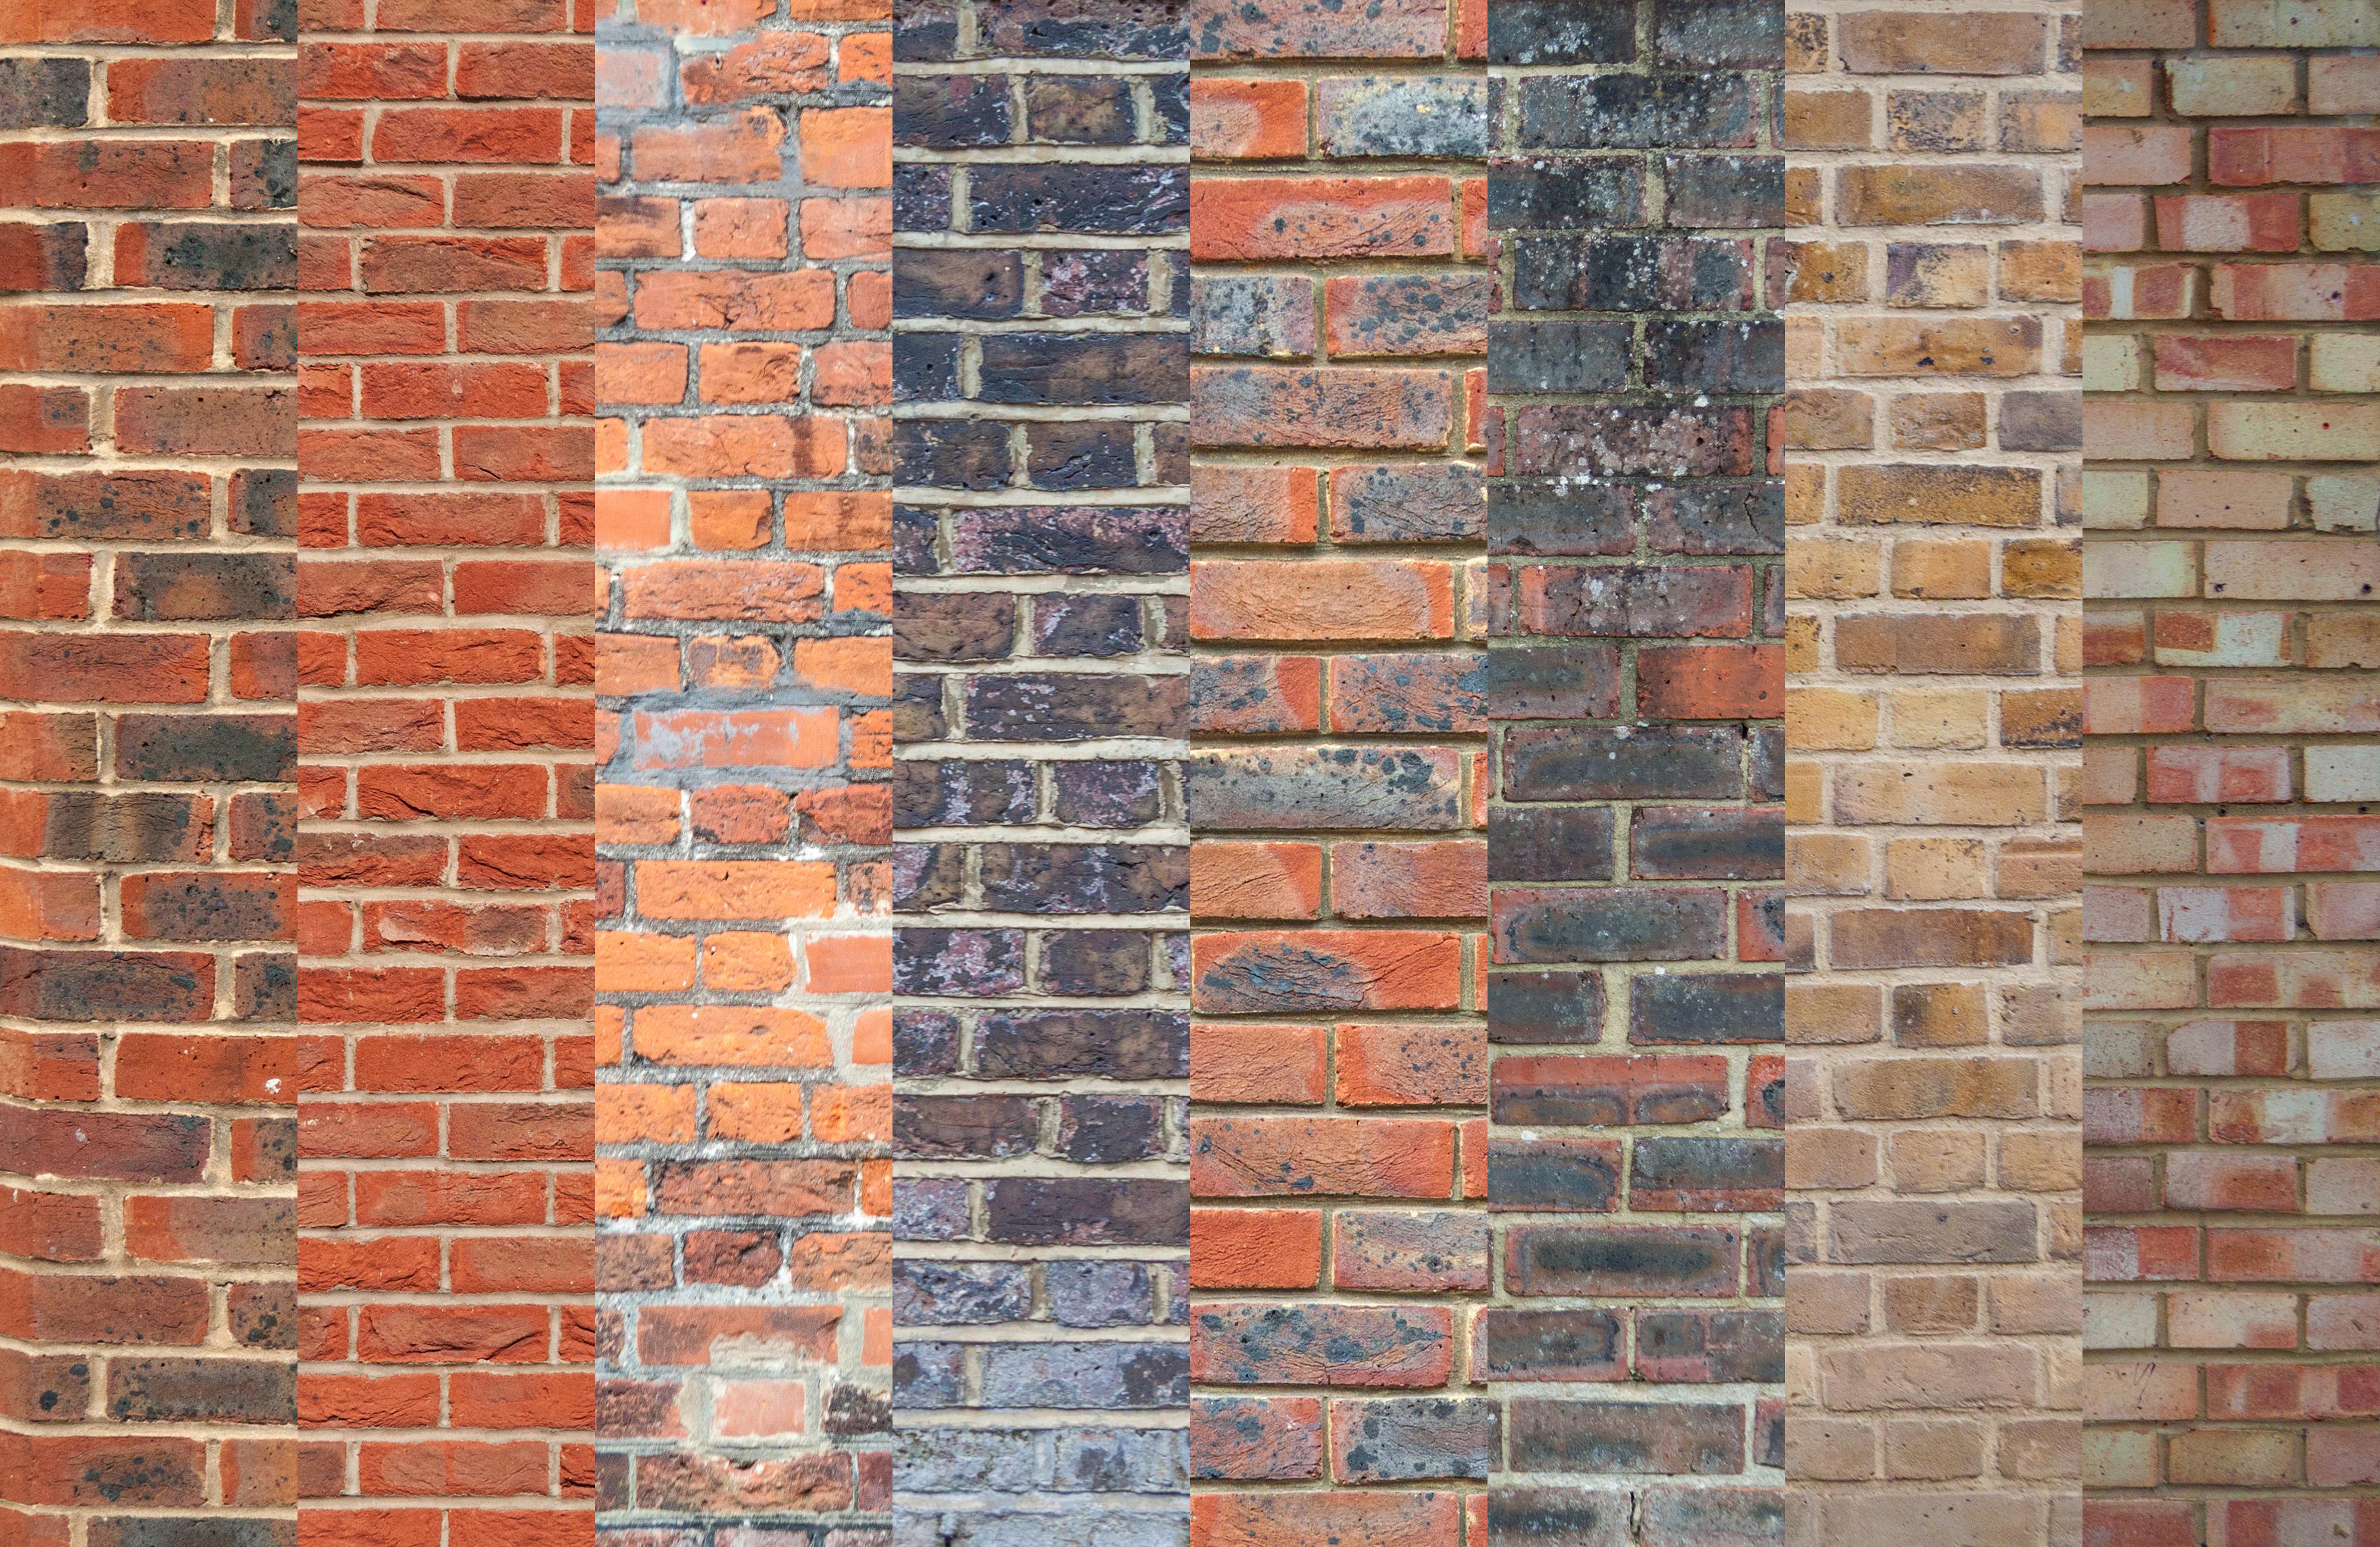 Mengenal Jenis Serta Fungsi Batu Bata Untuk Dinding Rumah